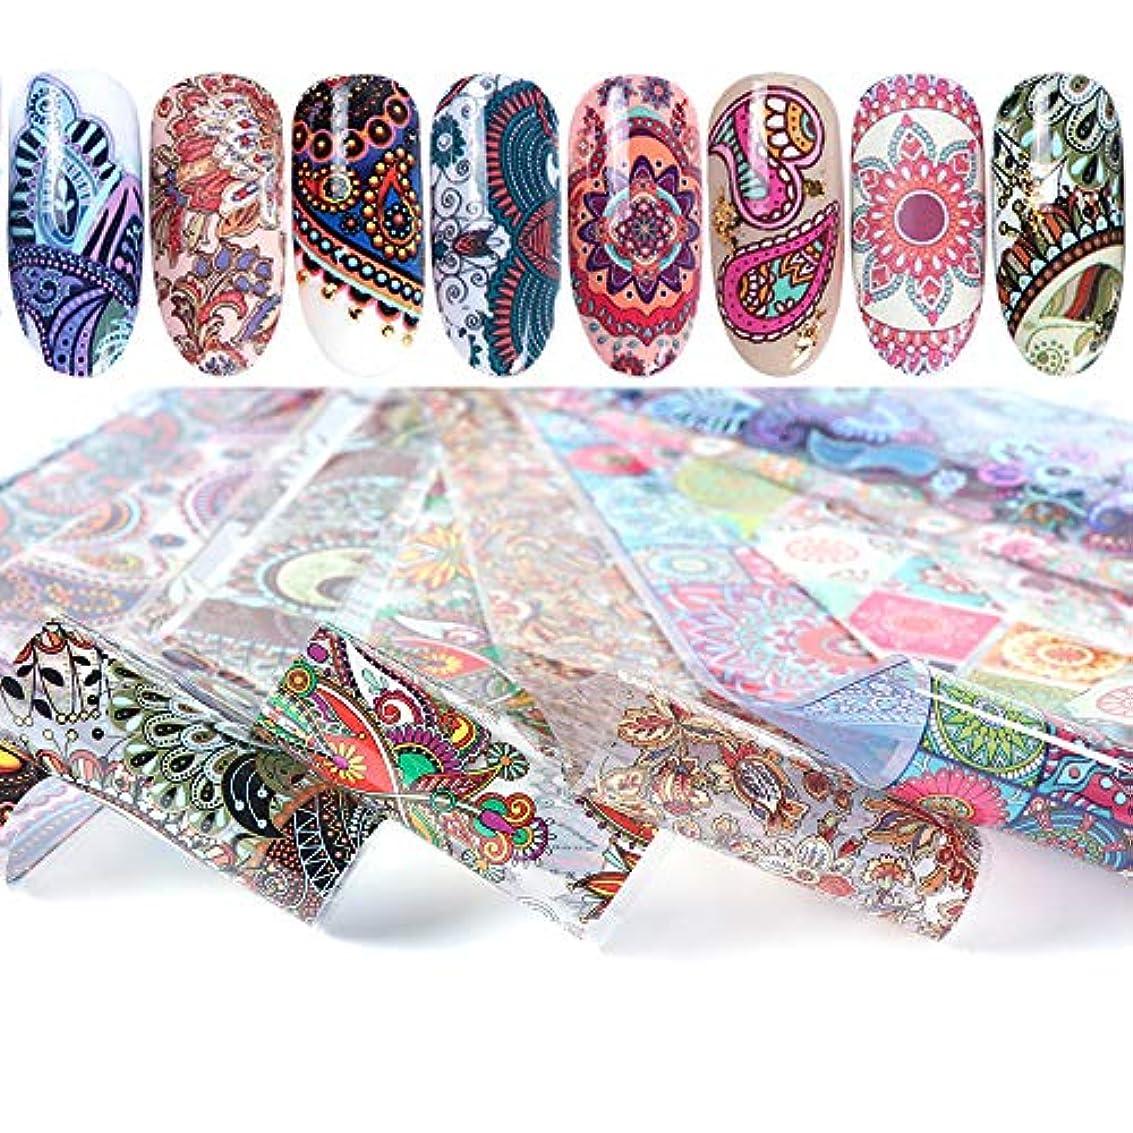 クランプフローティングカナダSUKTI&XIAO ネイルステッカー 10個ホログラフィックネイル箔セットネイルアート転写ステッカー4 * 20cm混合デザインネイルアートスライドマニキュア装飾